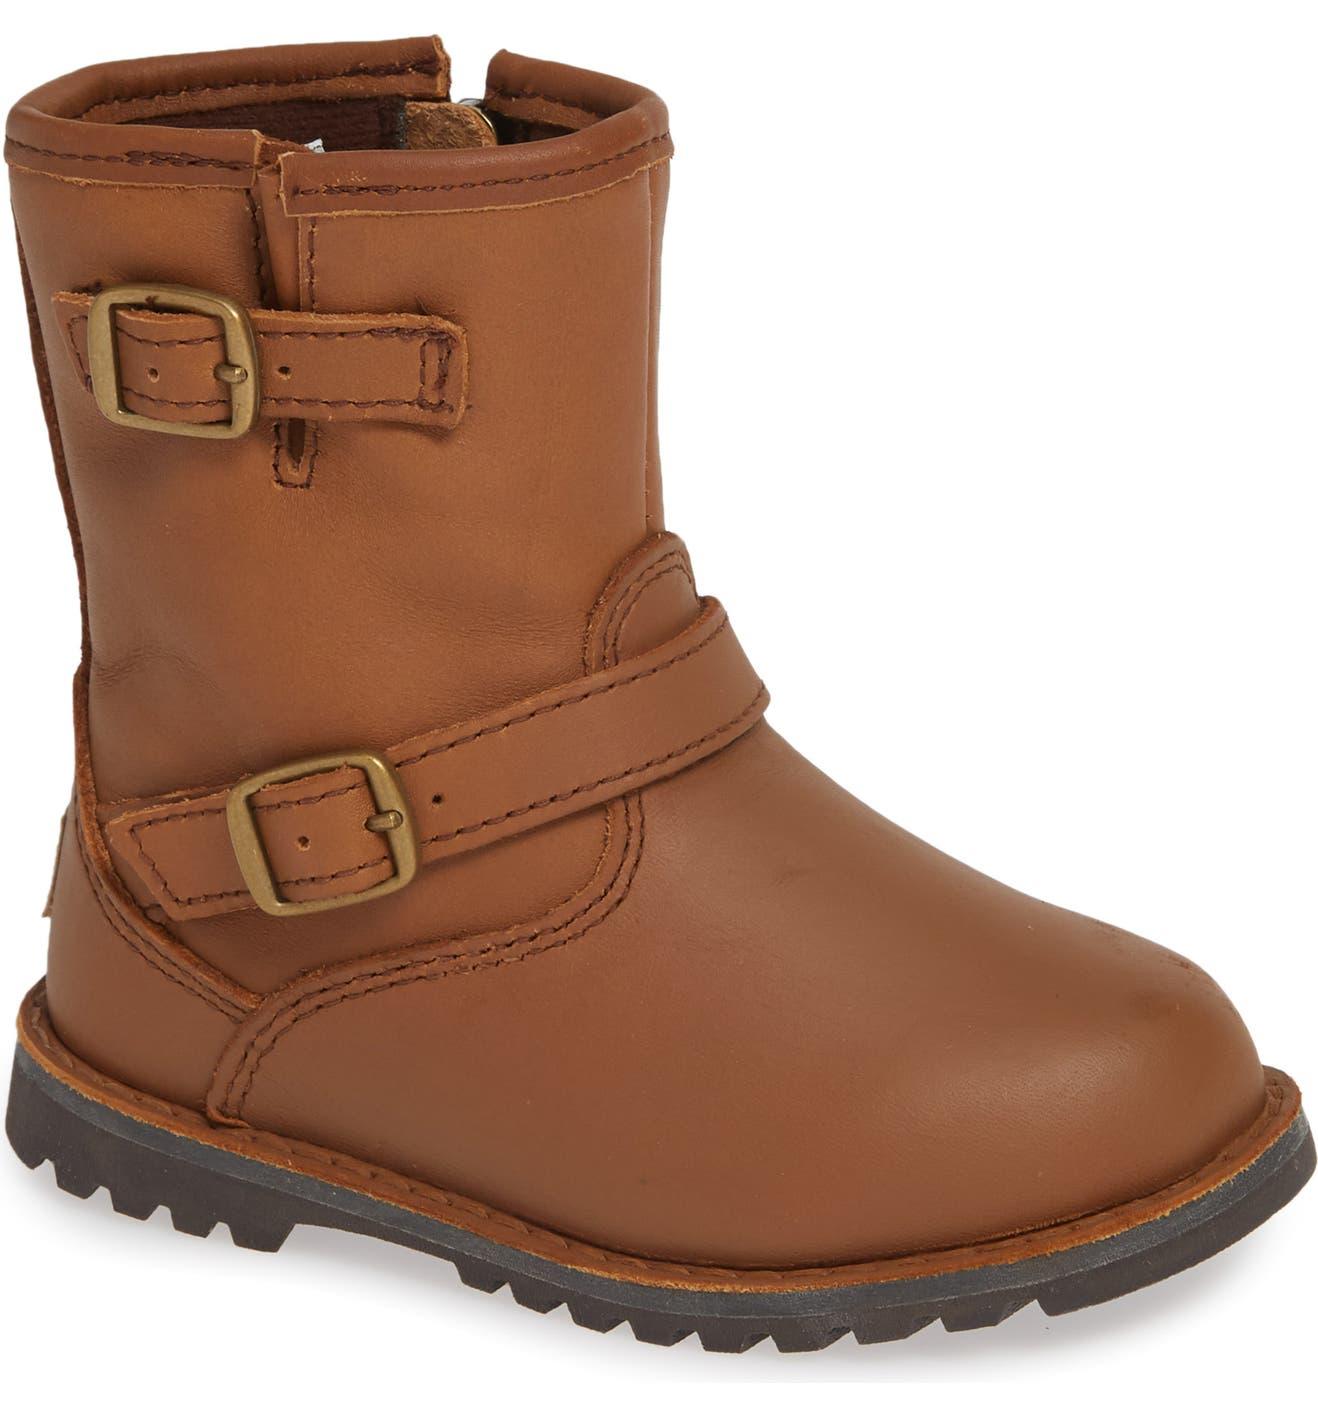 9b5fd5e1c5d Harwell Boot